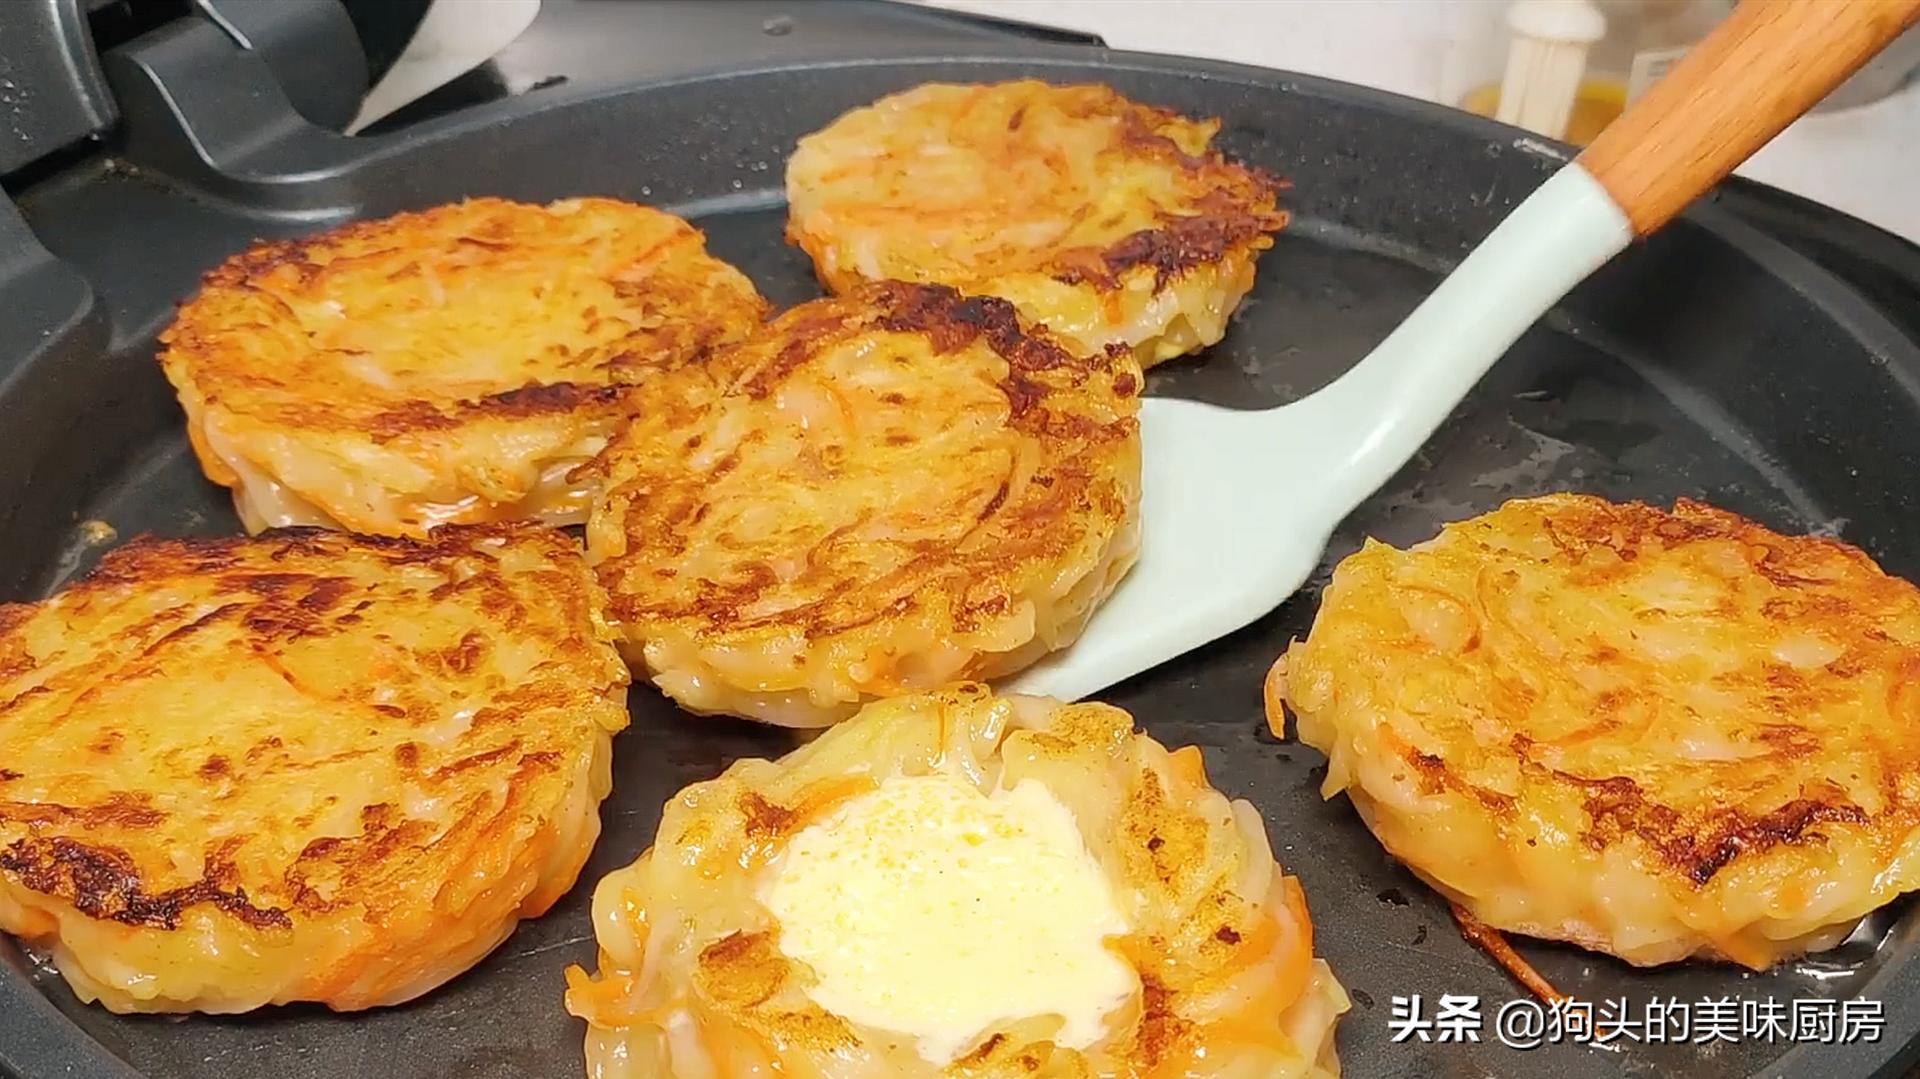 5个土豆,2个鸡蛋,教你没有吃过的做法,比肉还香,上桌就被扫光 美食做法 第13张